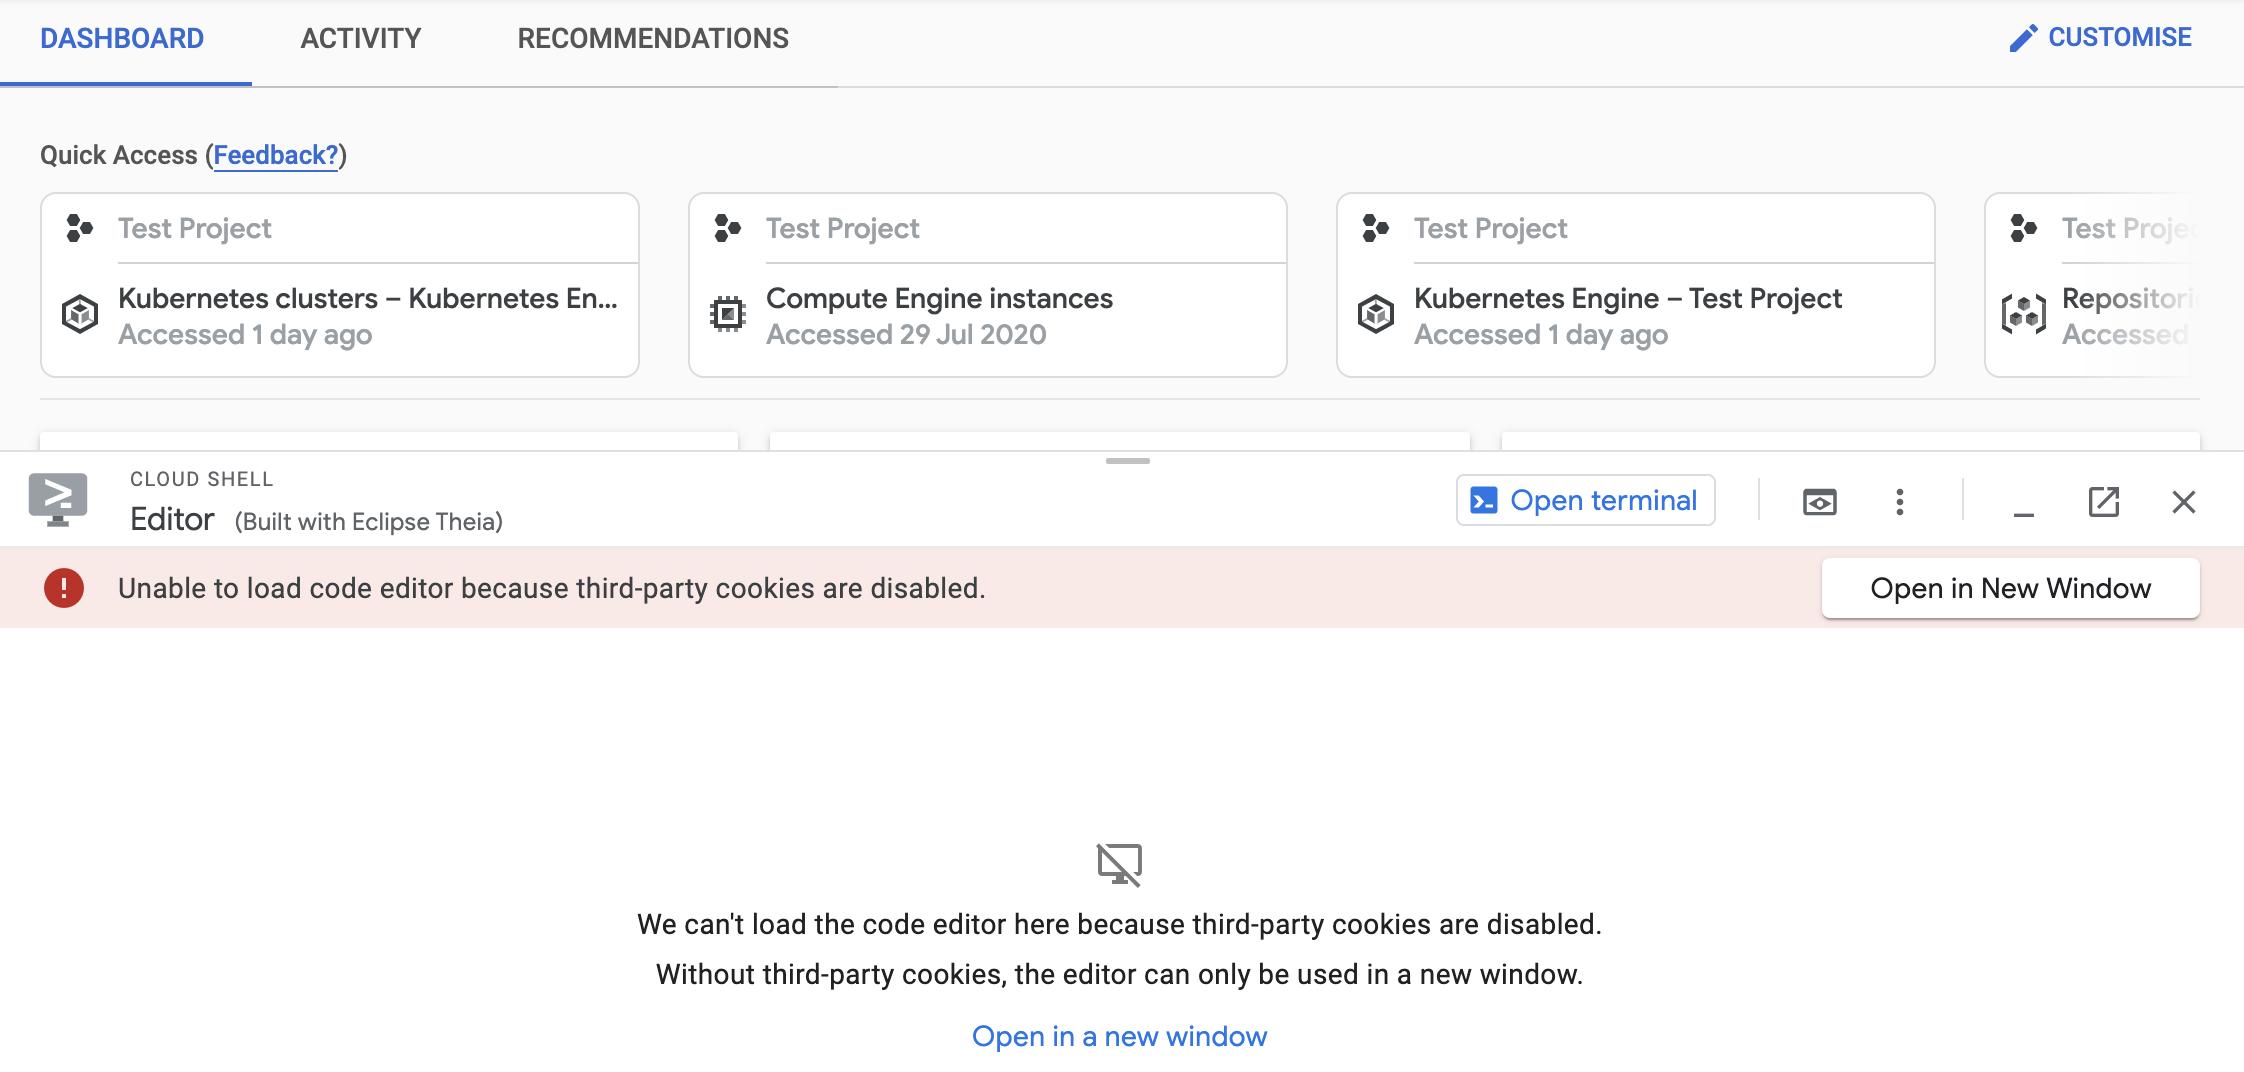 Painel do editor explicando que não foi possível carregar o editor de código por causa do bloqueio de cookies de terceiros, com link para abrir o editor em uma nova janela